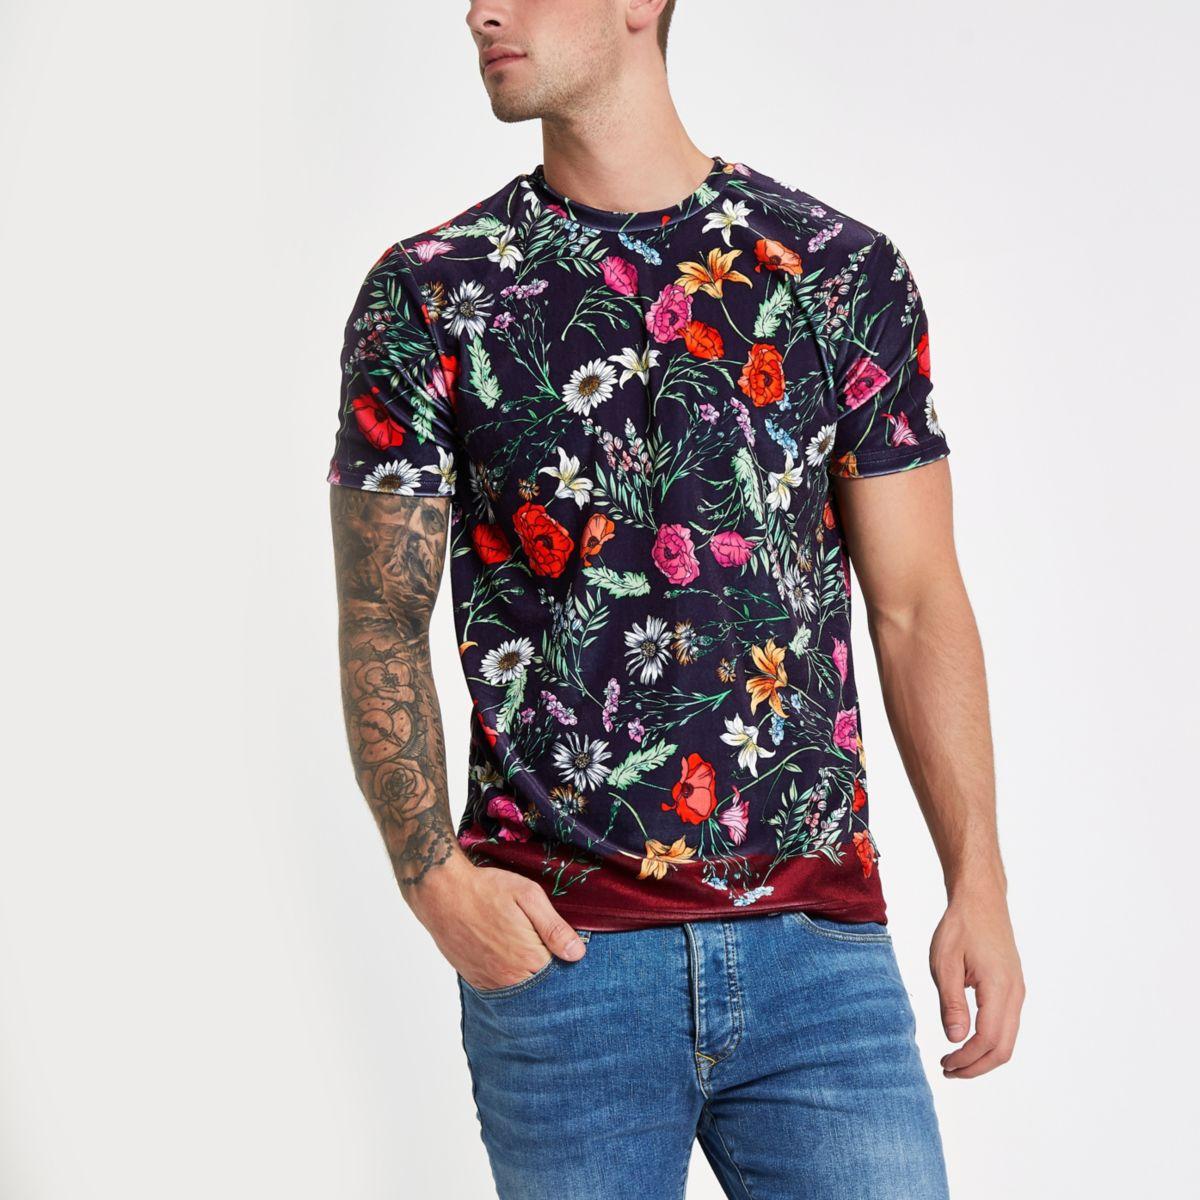 Navy Jaded velvet floral T-shirt